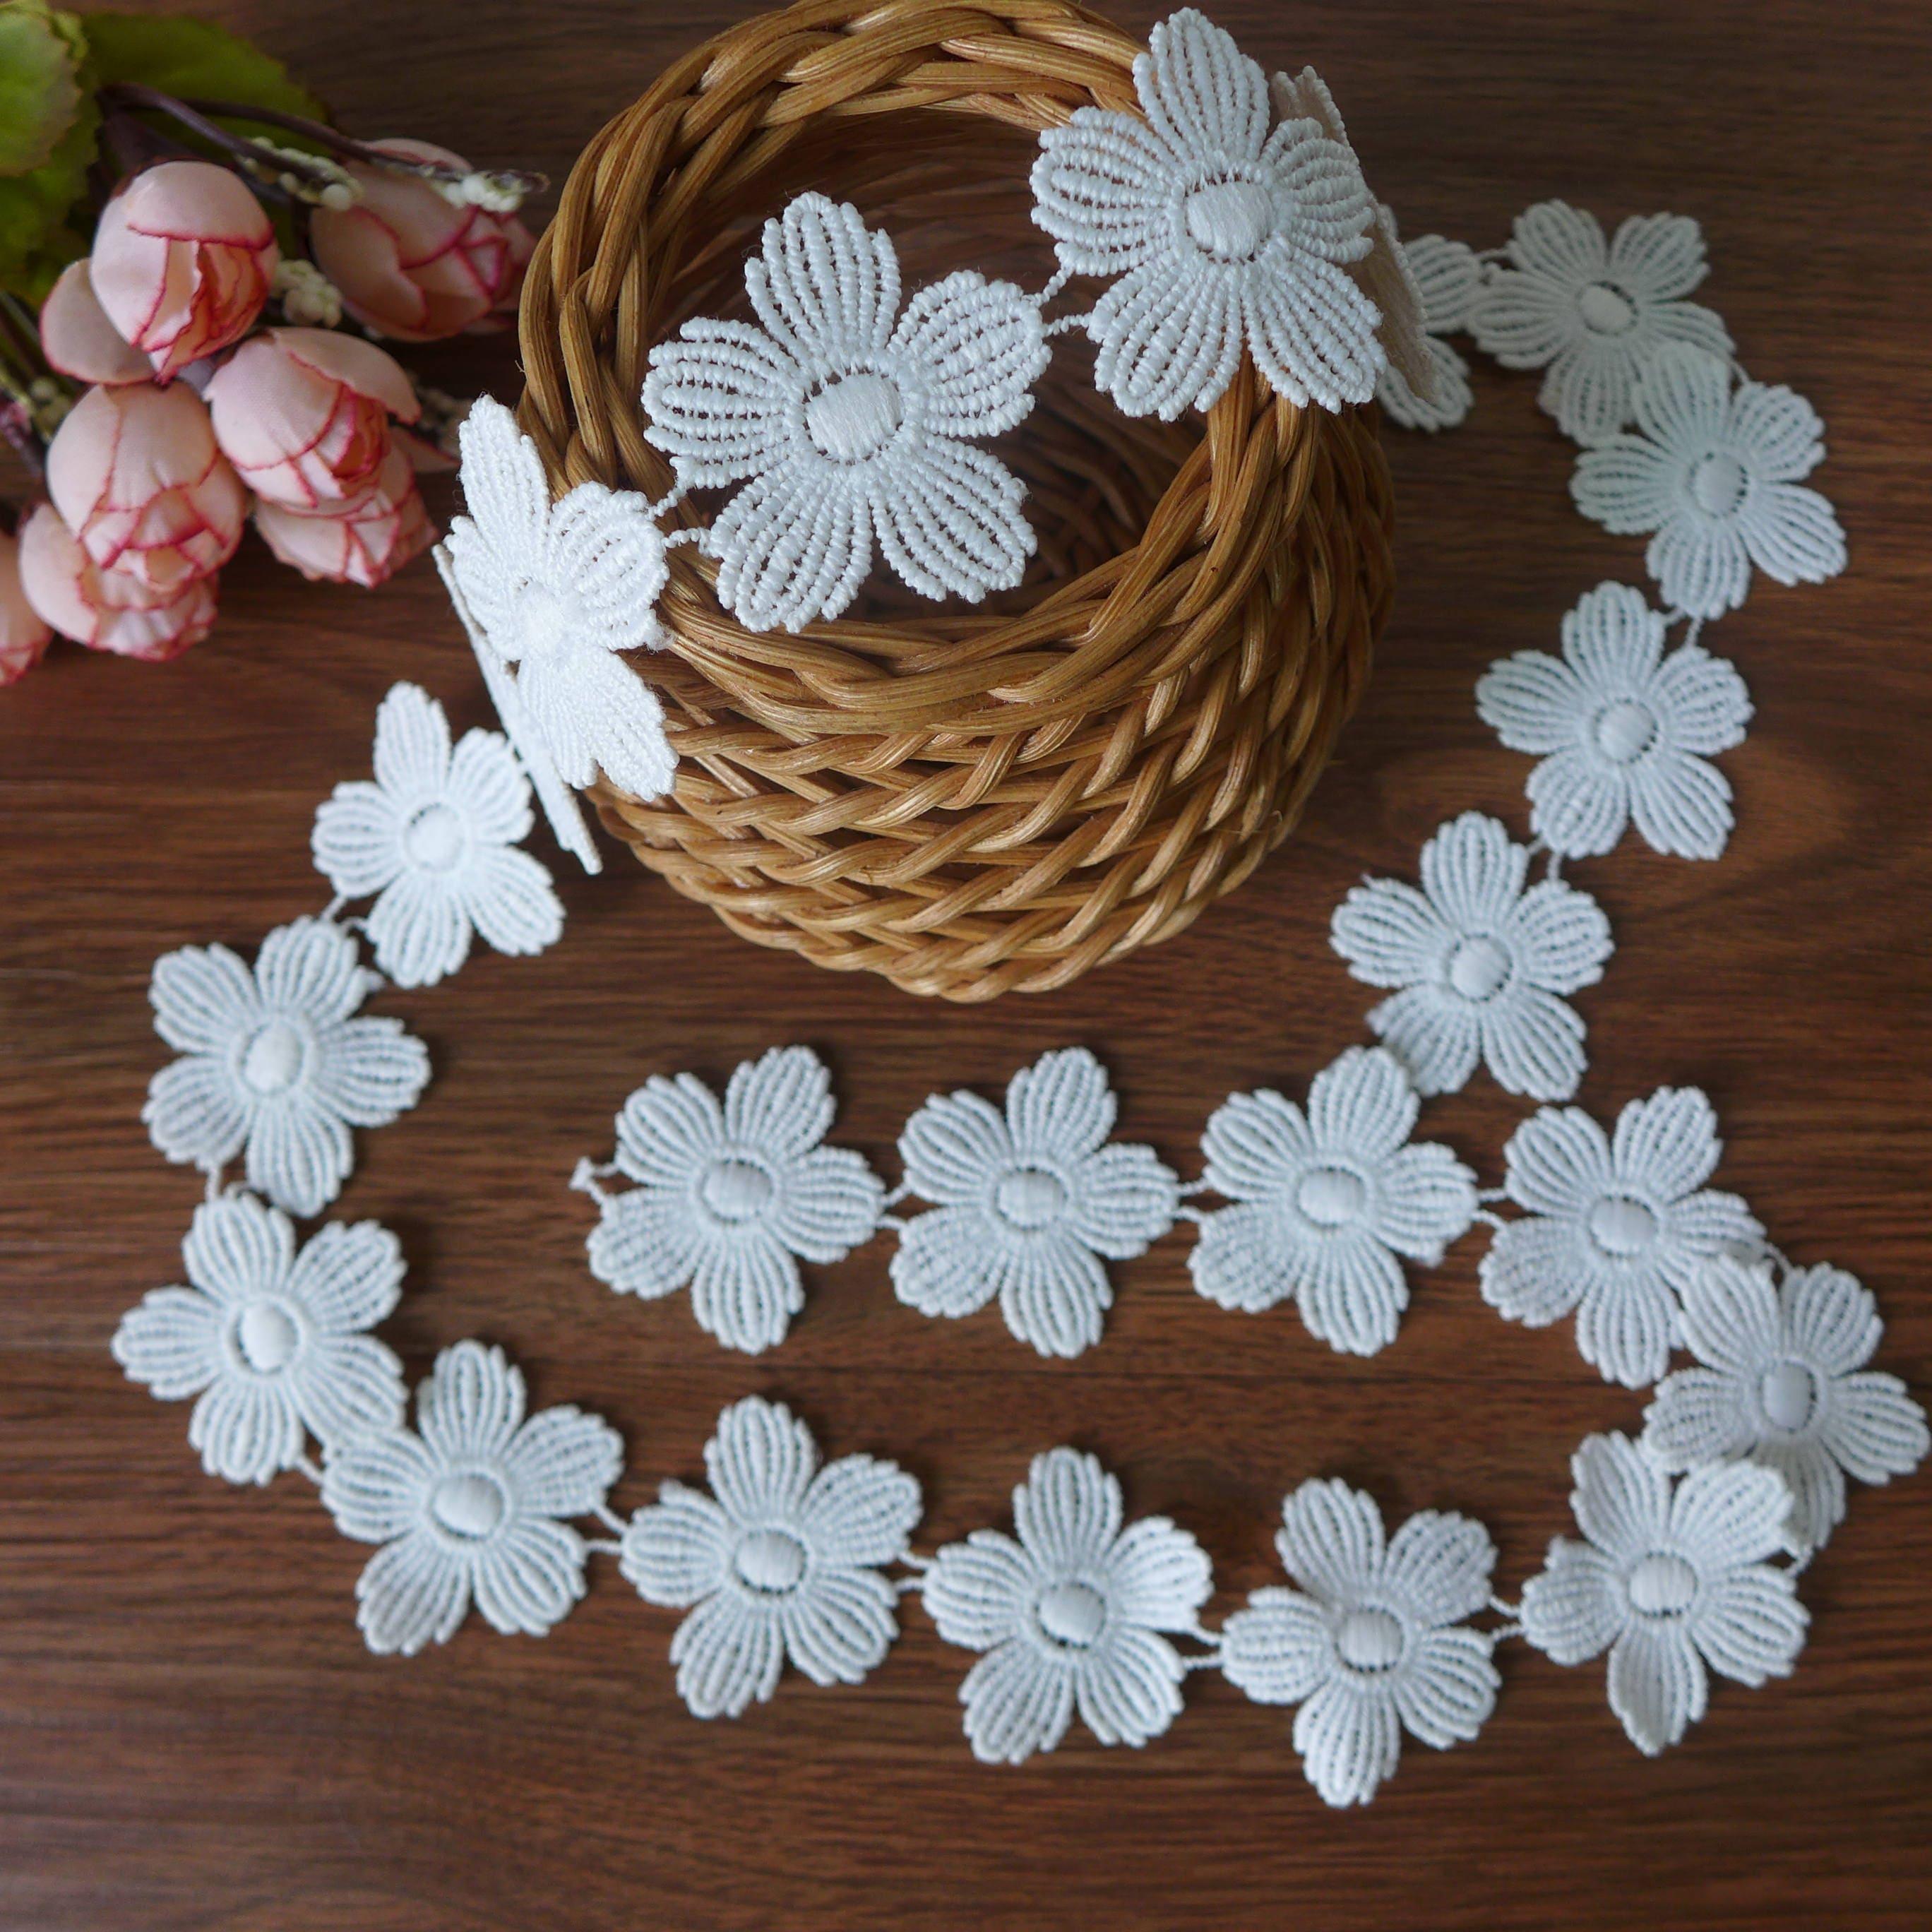 Fabric Flower Trim: 3D Petal Flower Lace Trim White Lace Fabric Trim Bridal